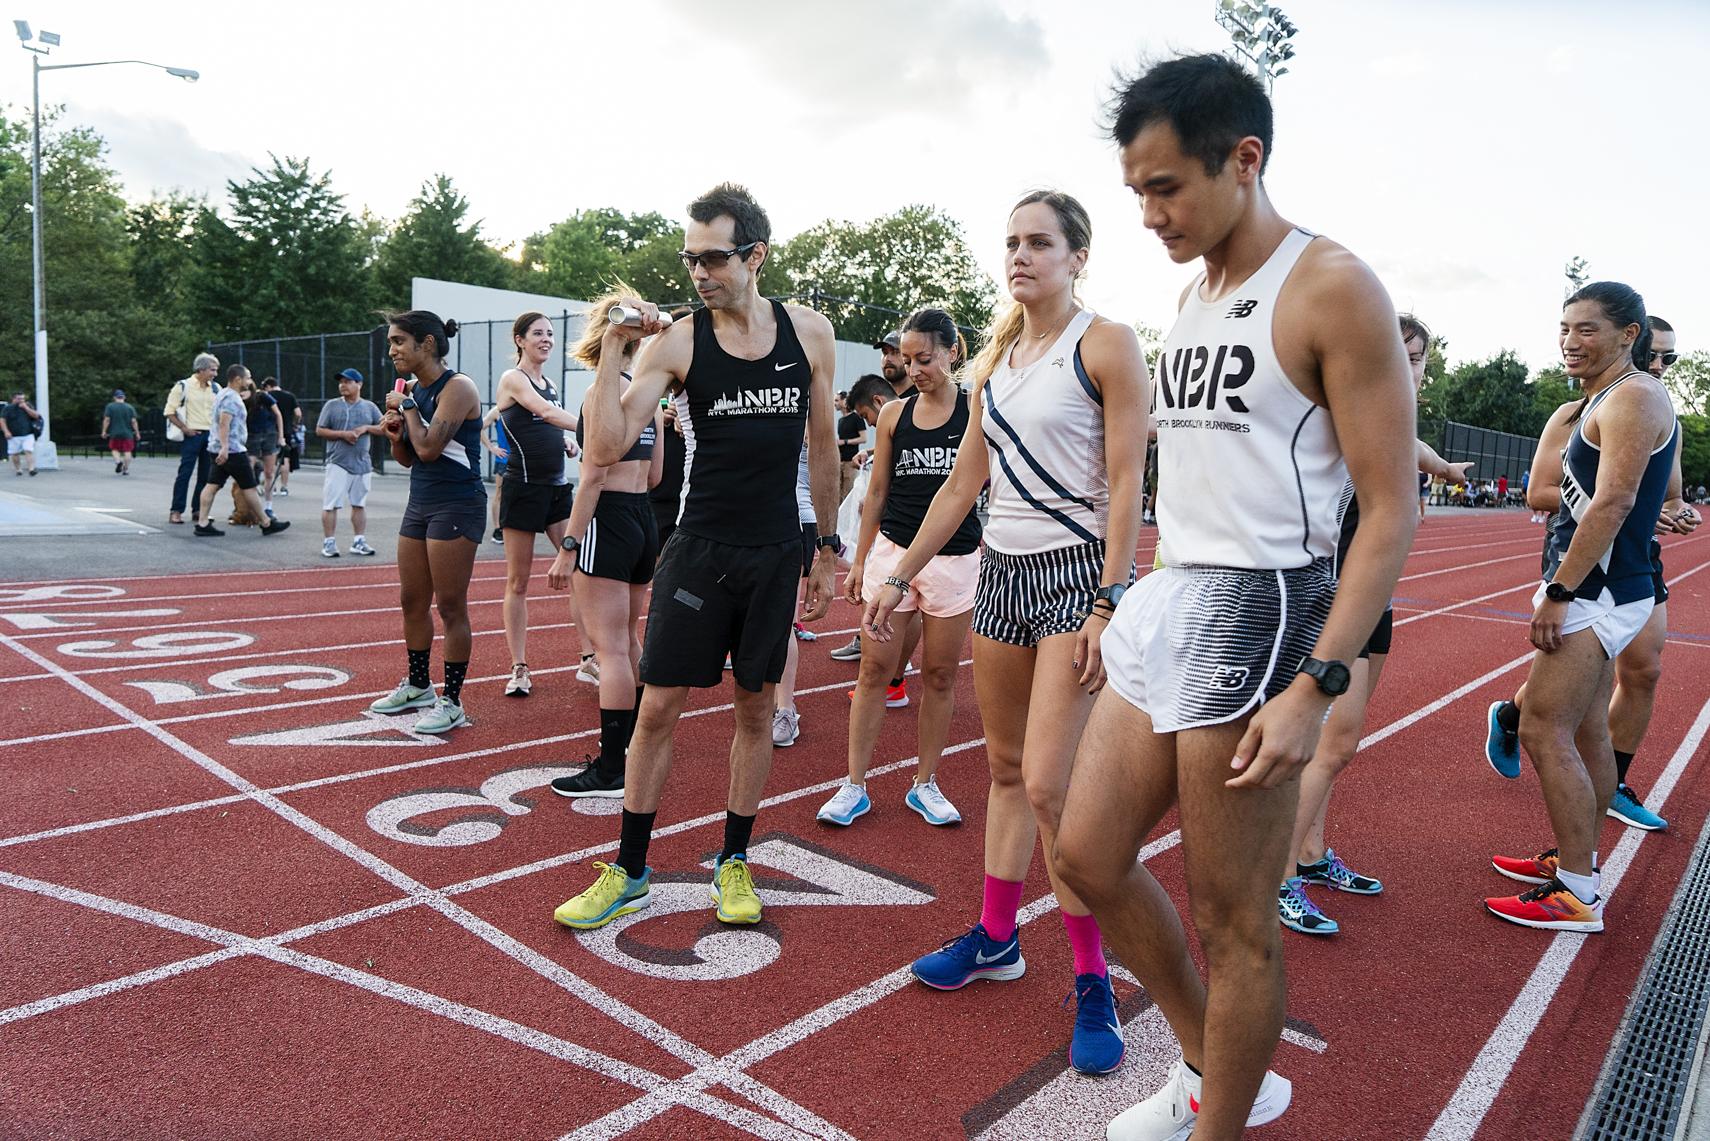 NBR McCarren Track Meet 2019-071219-Drew-ReynoldsDSC00244.jpg